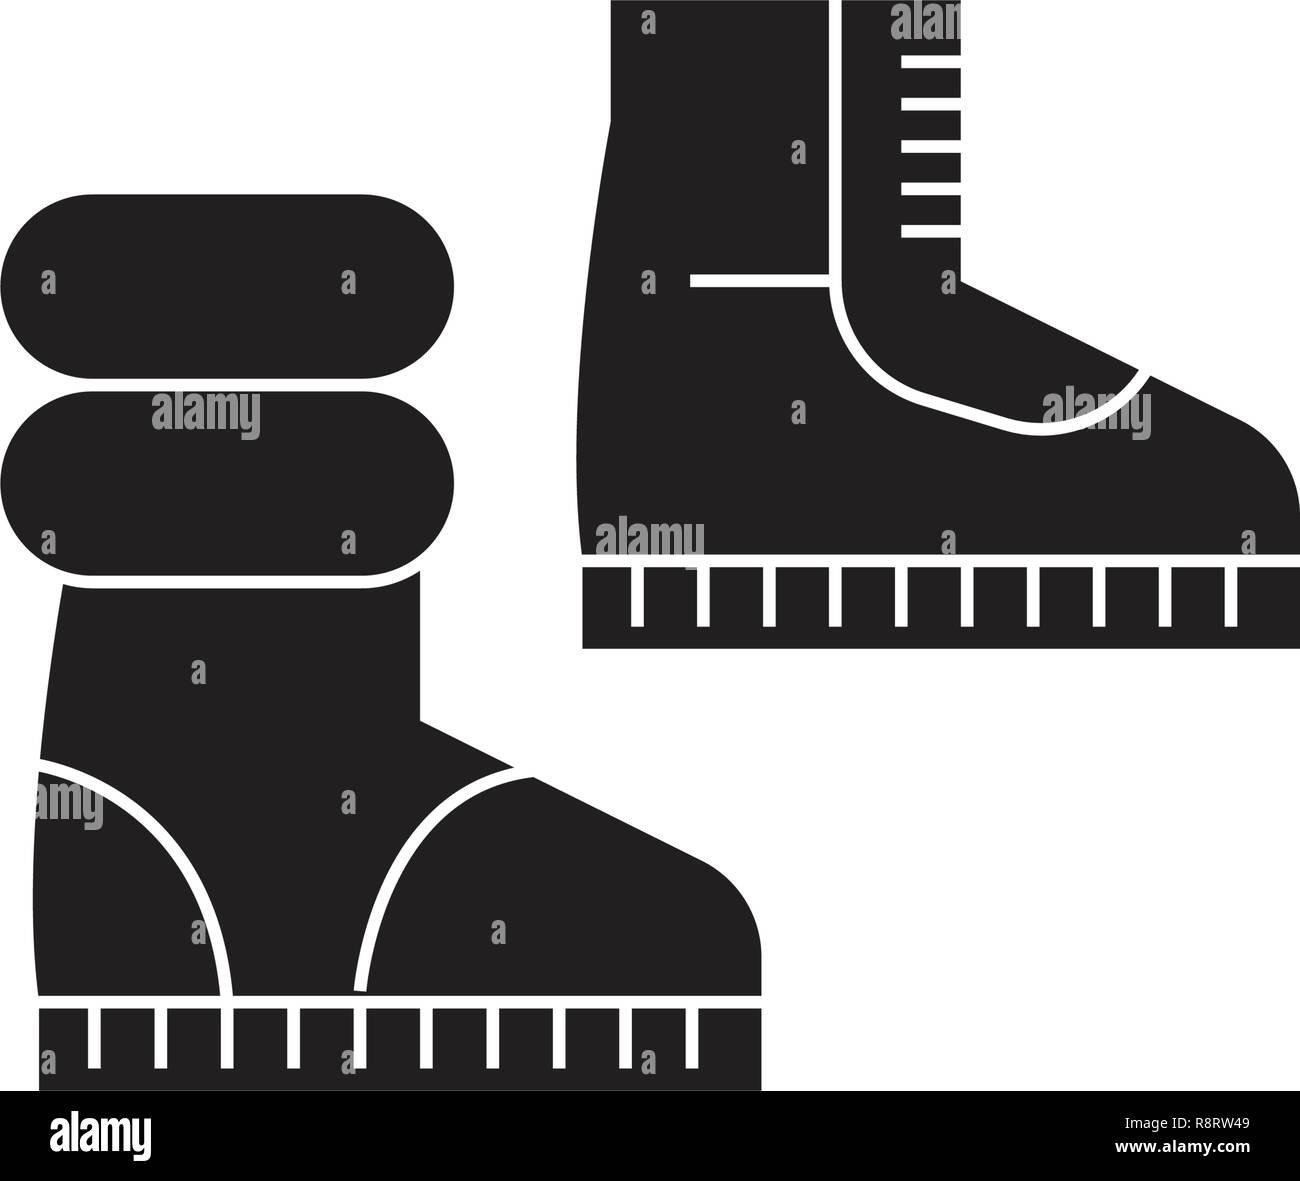 9fb3e34c Botas de invierno concepto vector icono negro. Botas de invierno planas,  signo de ilustración